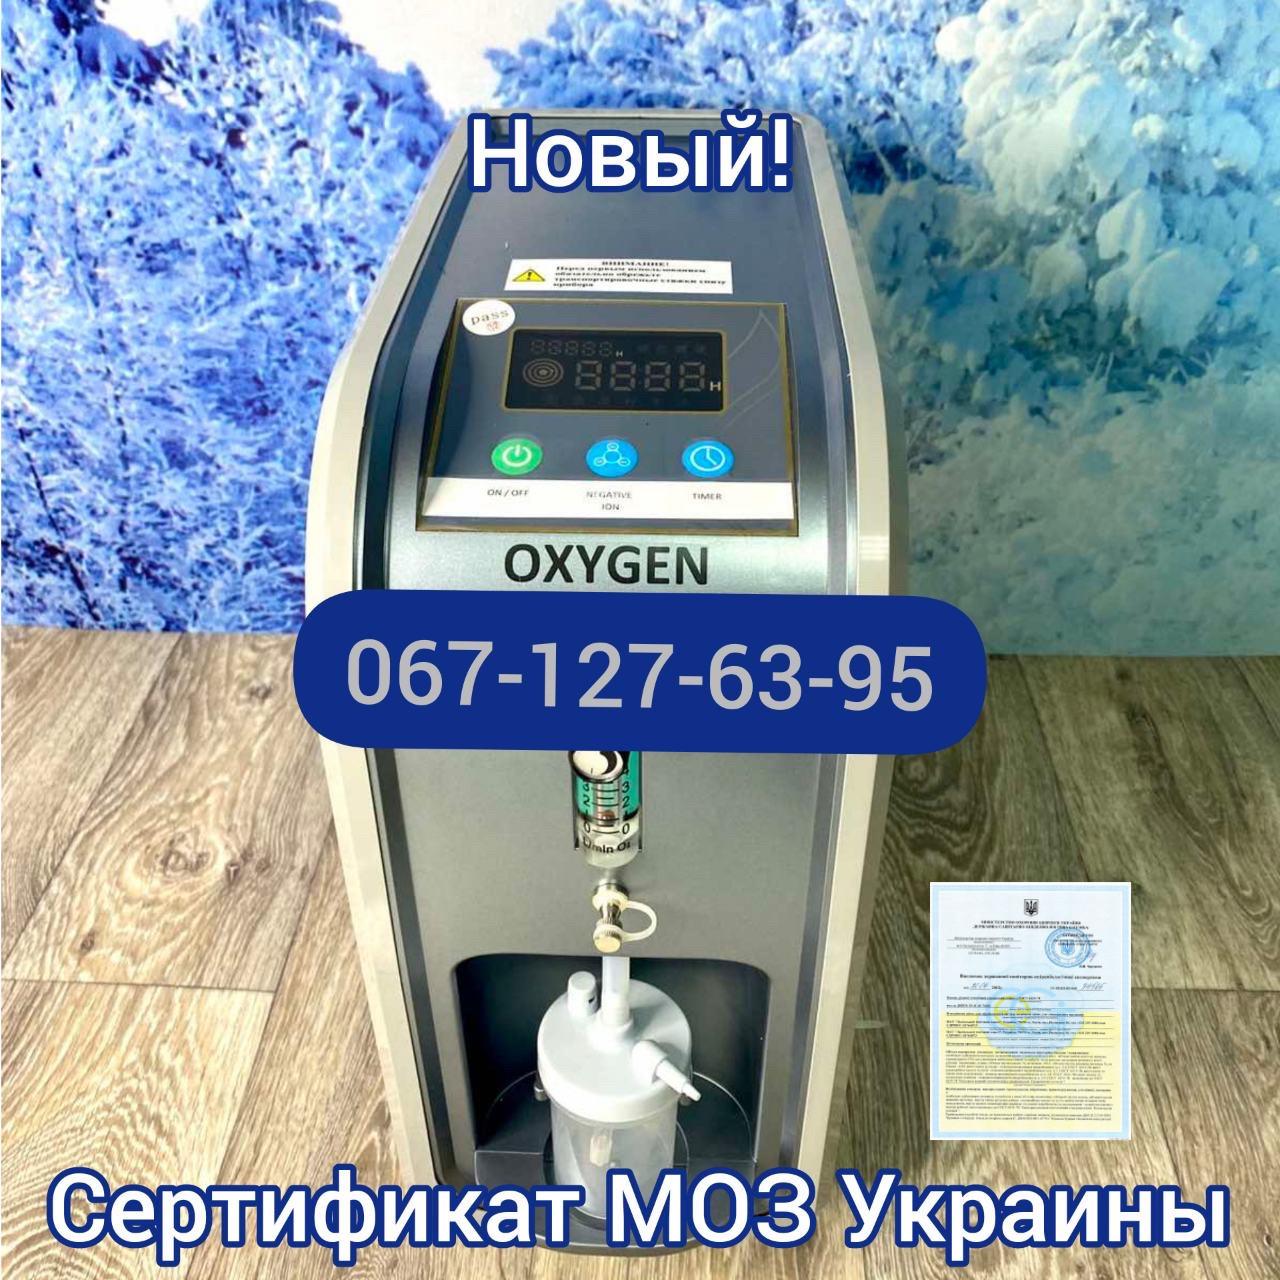 Кисневий концентратор 5л хв OXYGEN 1-5L генератор / кисень кисню / апарат для кисню